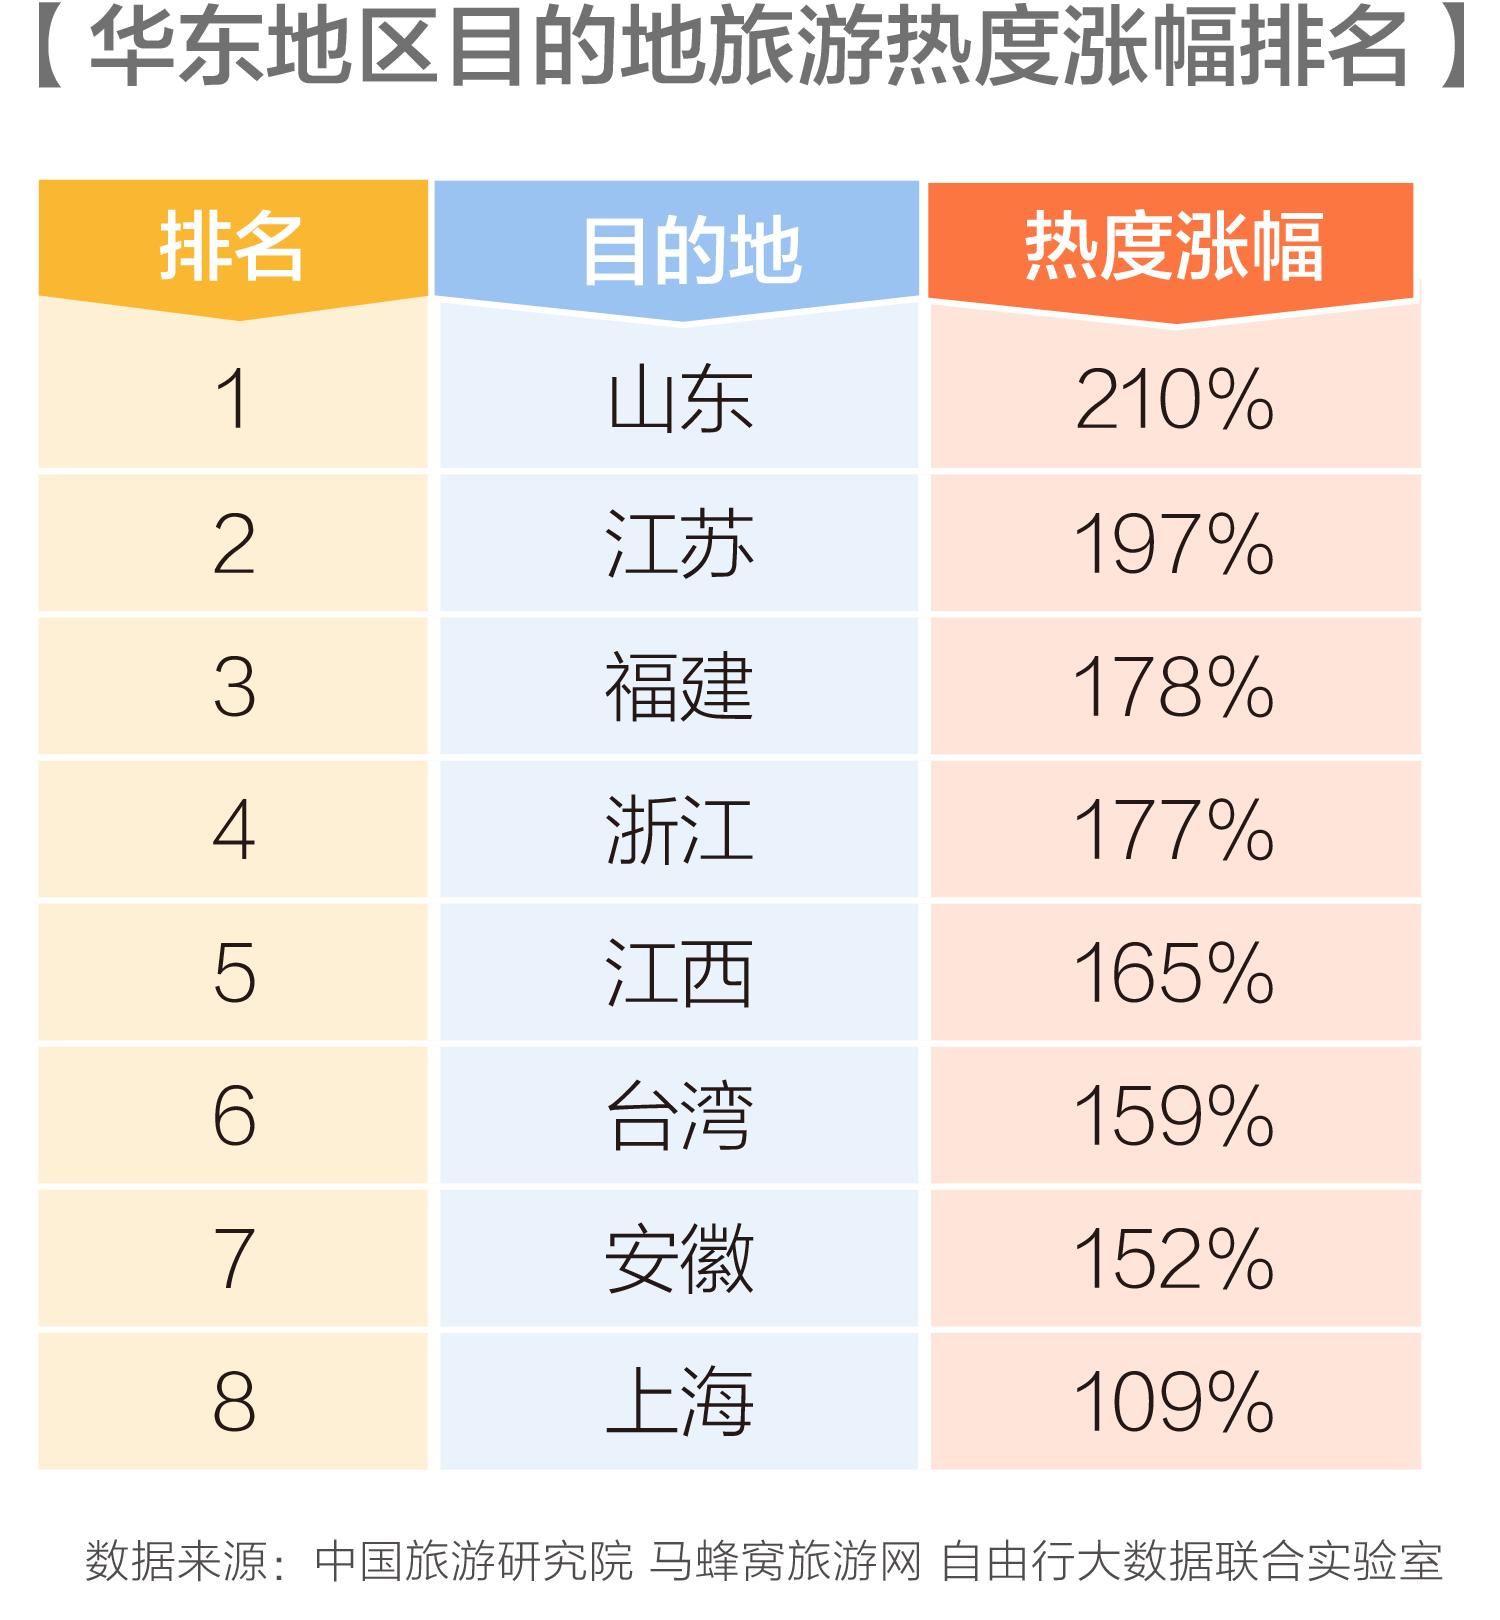 马蜂窝华东旅游报告:长三角文旅融合成效凸显